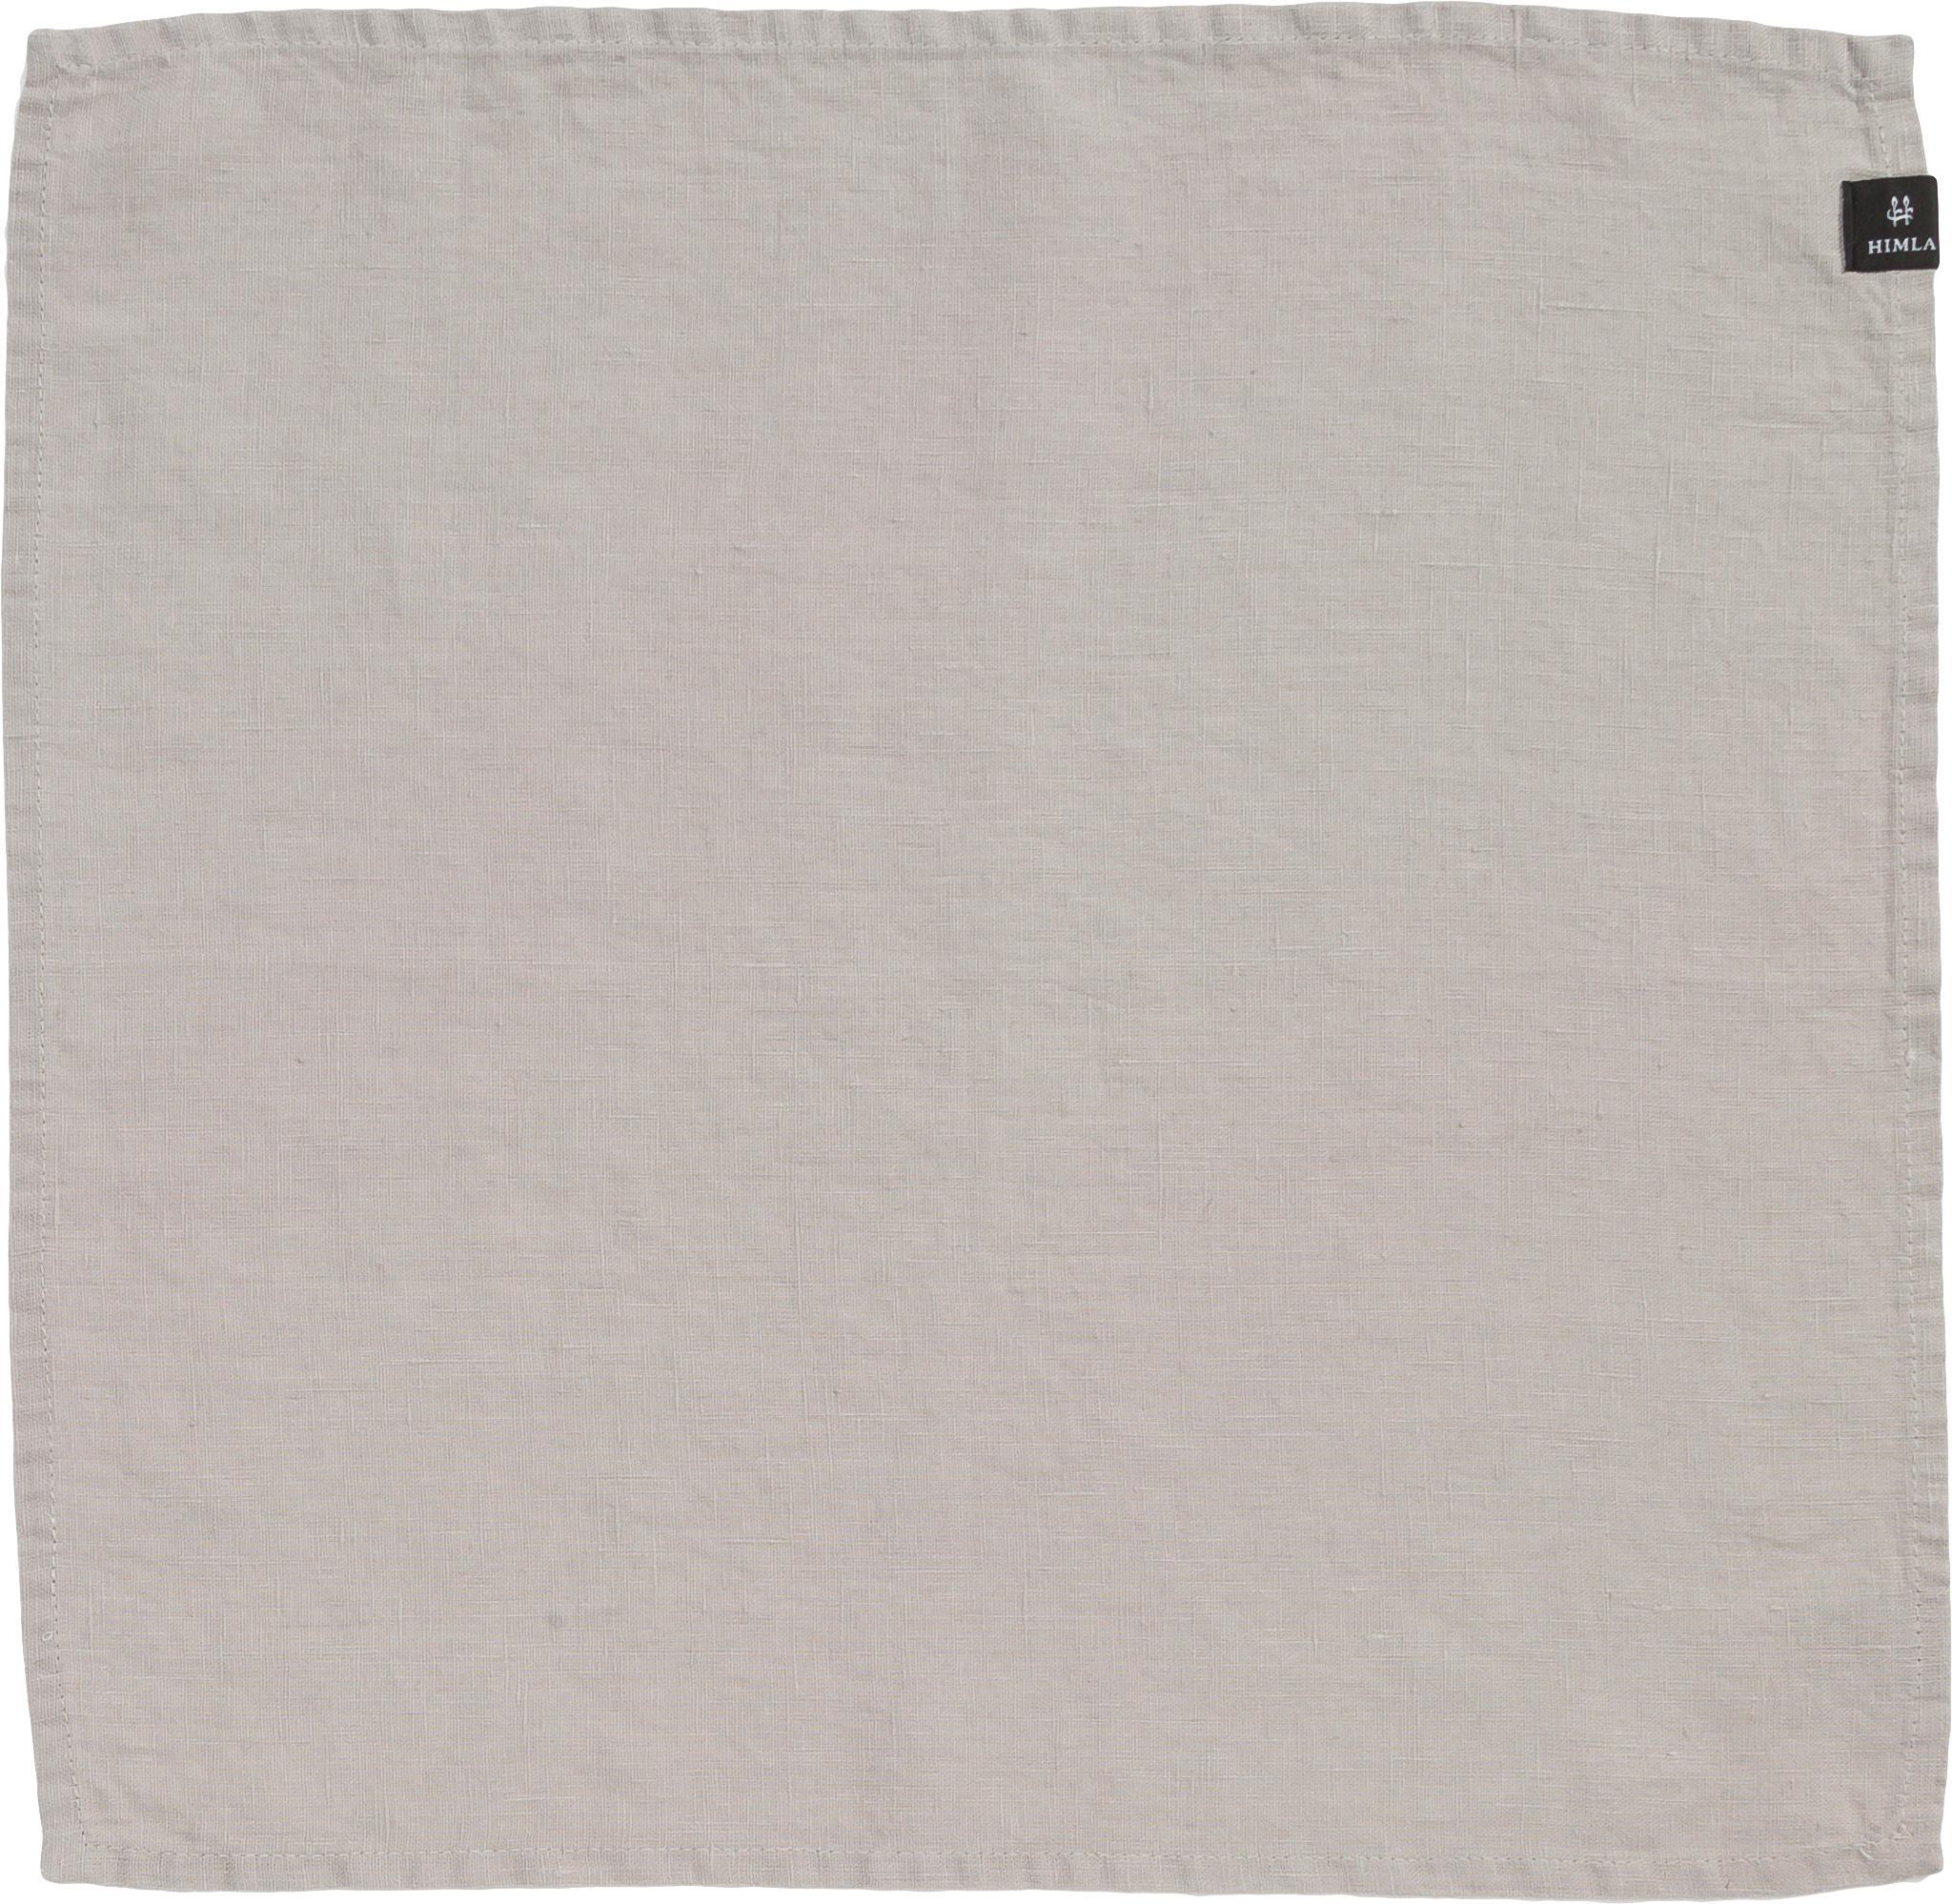 Servetten Sunshine, 4 stuks, 50% linnen, 50% katoen, Wit, 45 x 45 cm